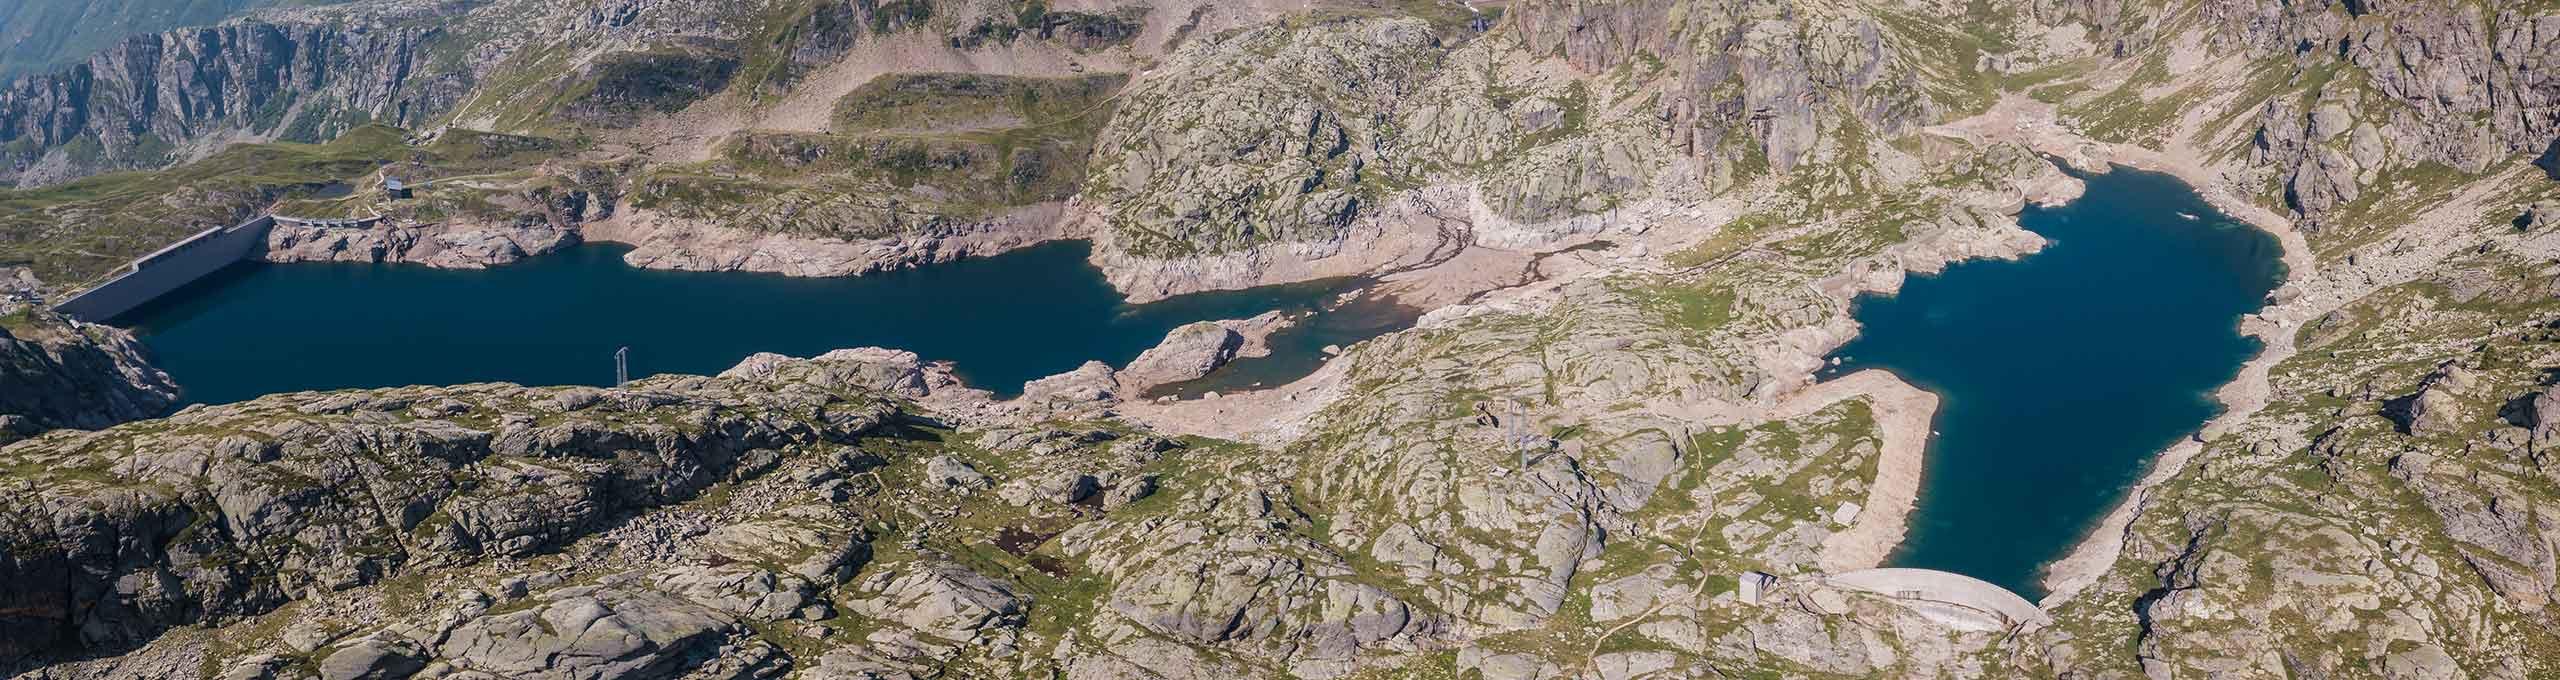 Valgoglio, Valseriana, laghetti alpini